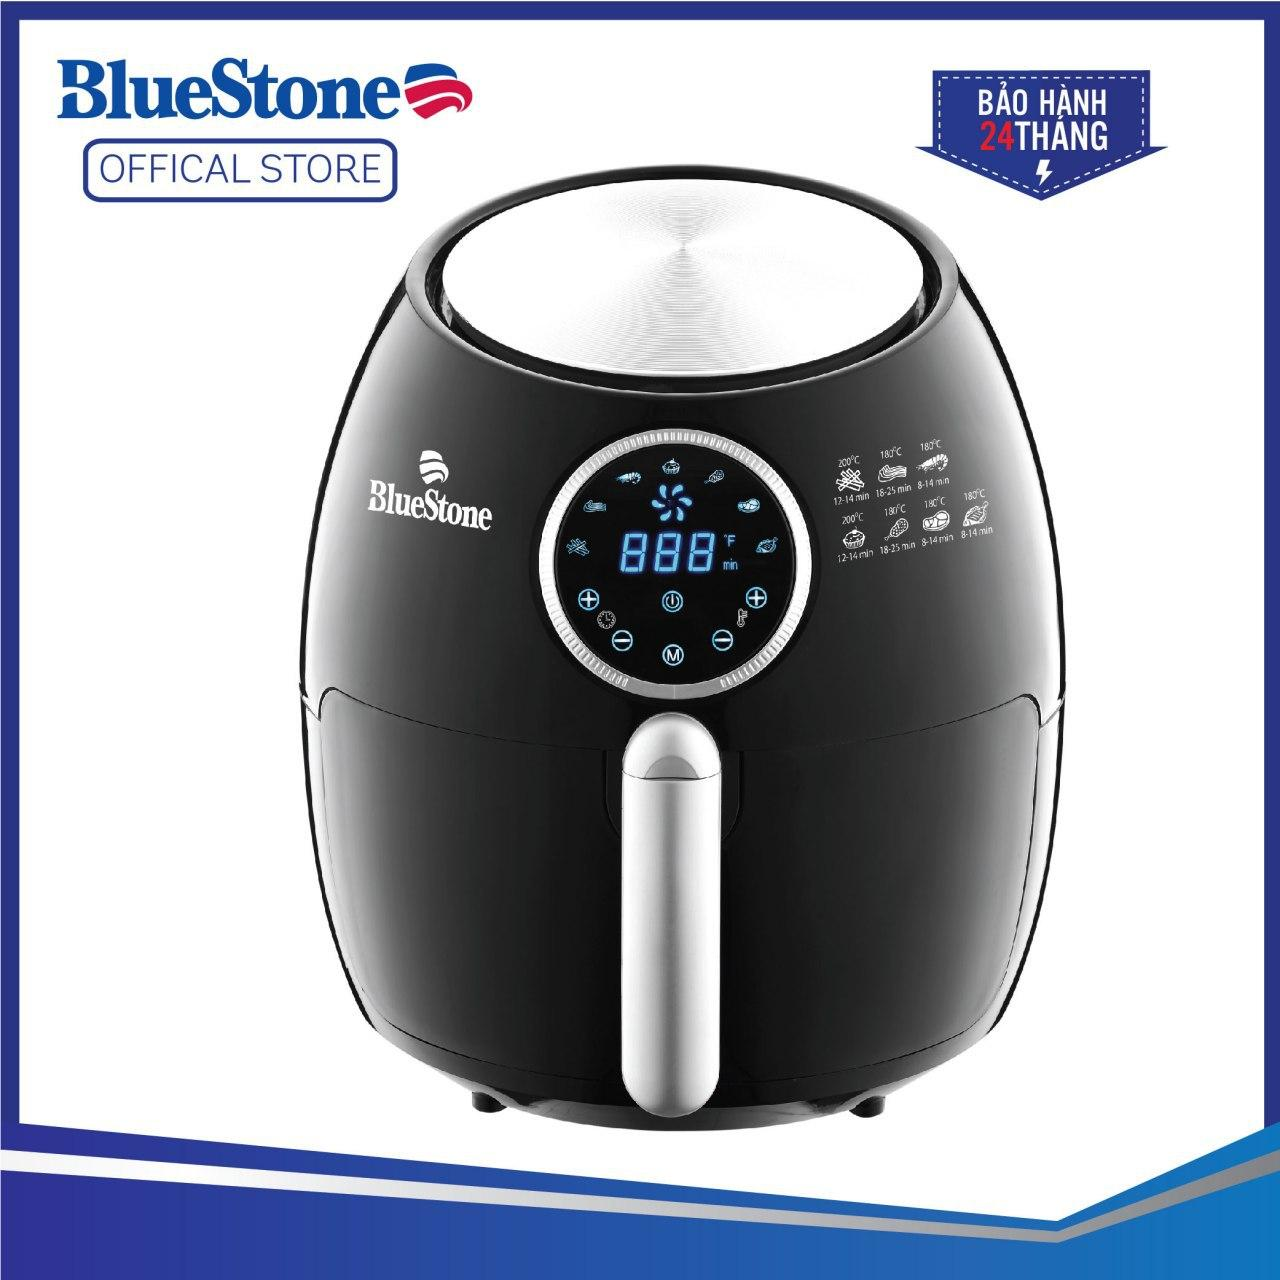 Nồi chiên không dầu Bluestone AFB-5873 (5.5 Lít) - Điều khiển điện tử - Công nghệ chiên nướng đối lưu...